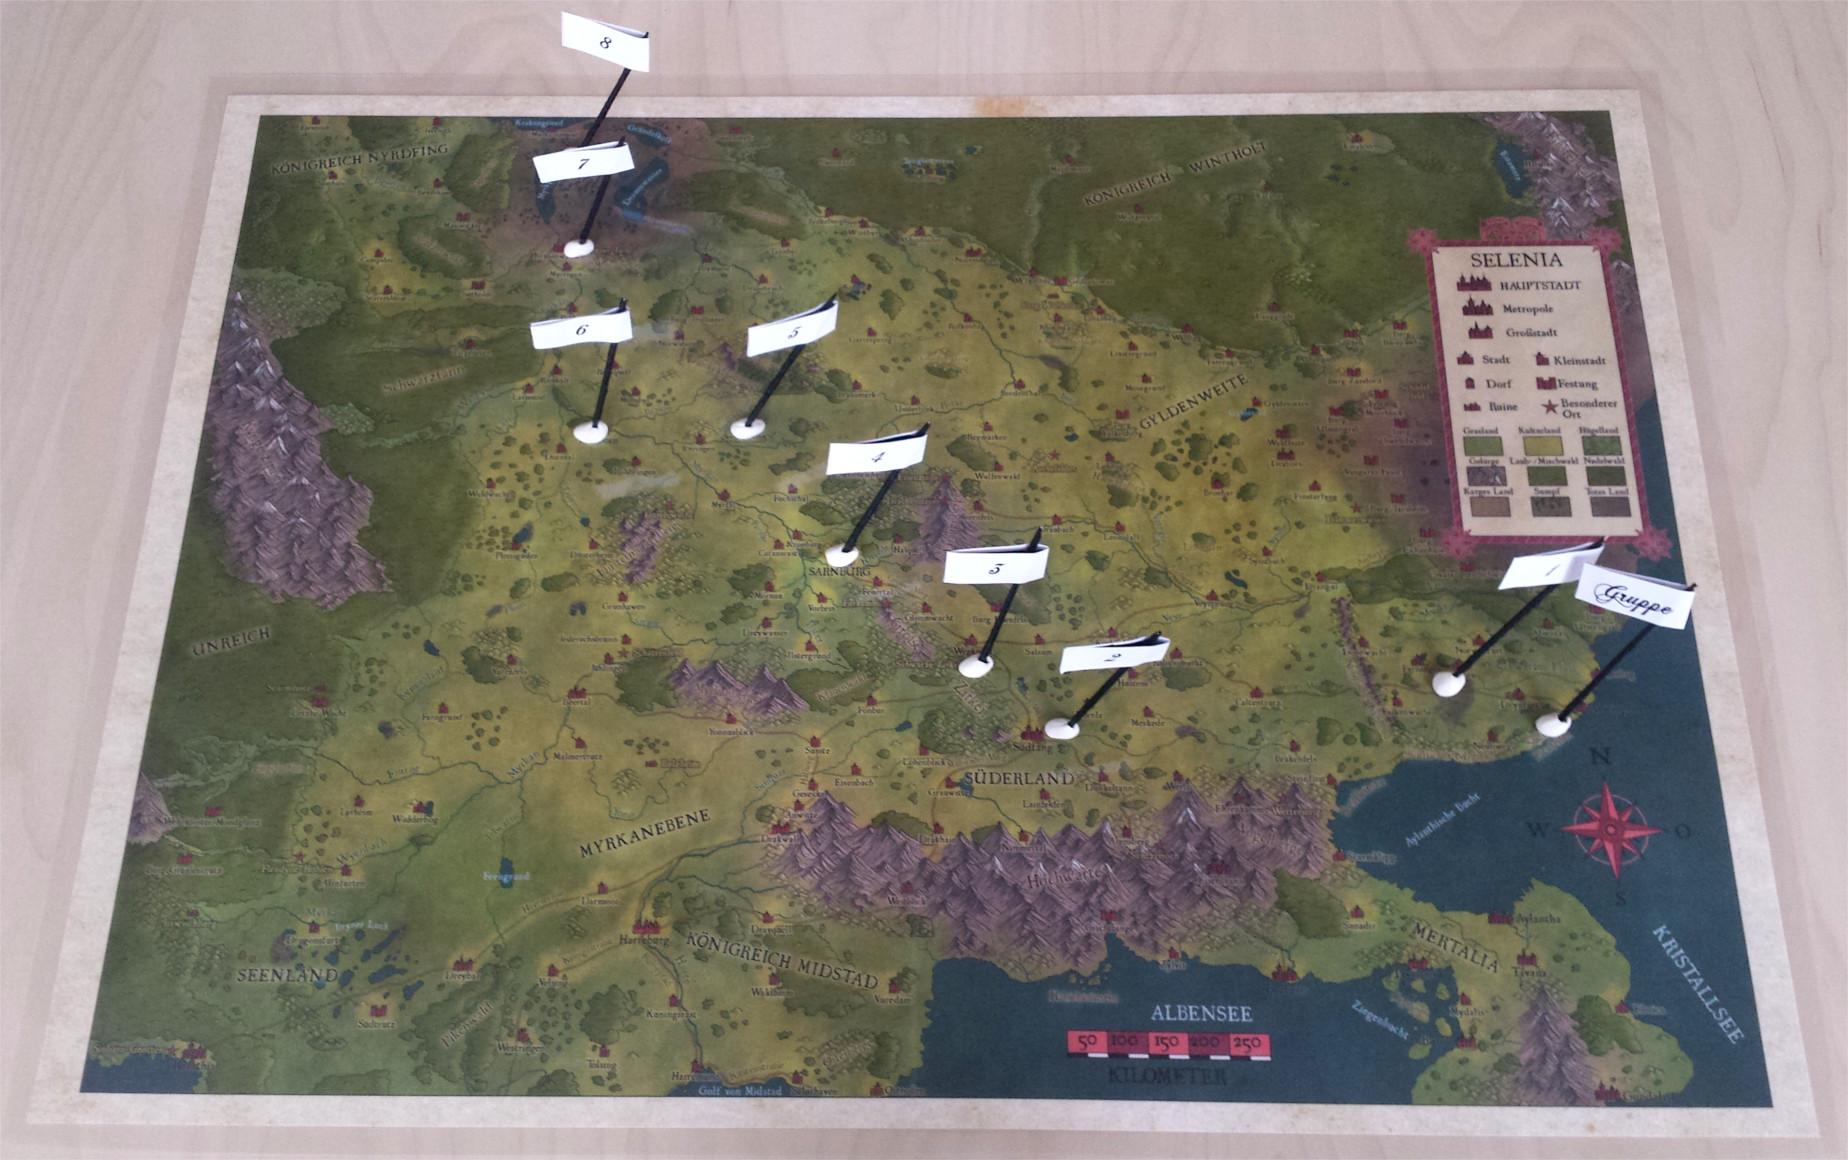 Fähnchen auf der Karte